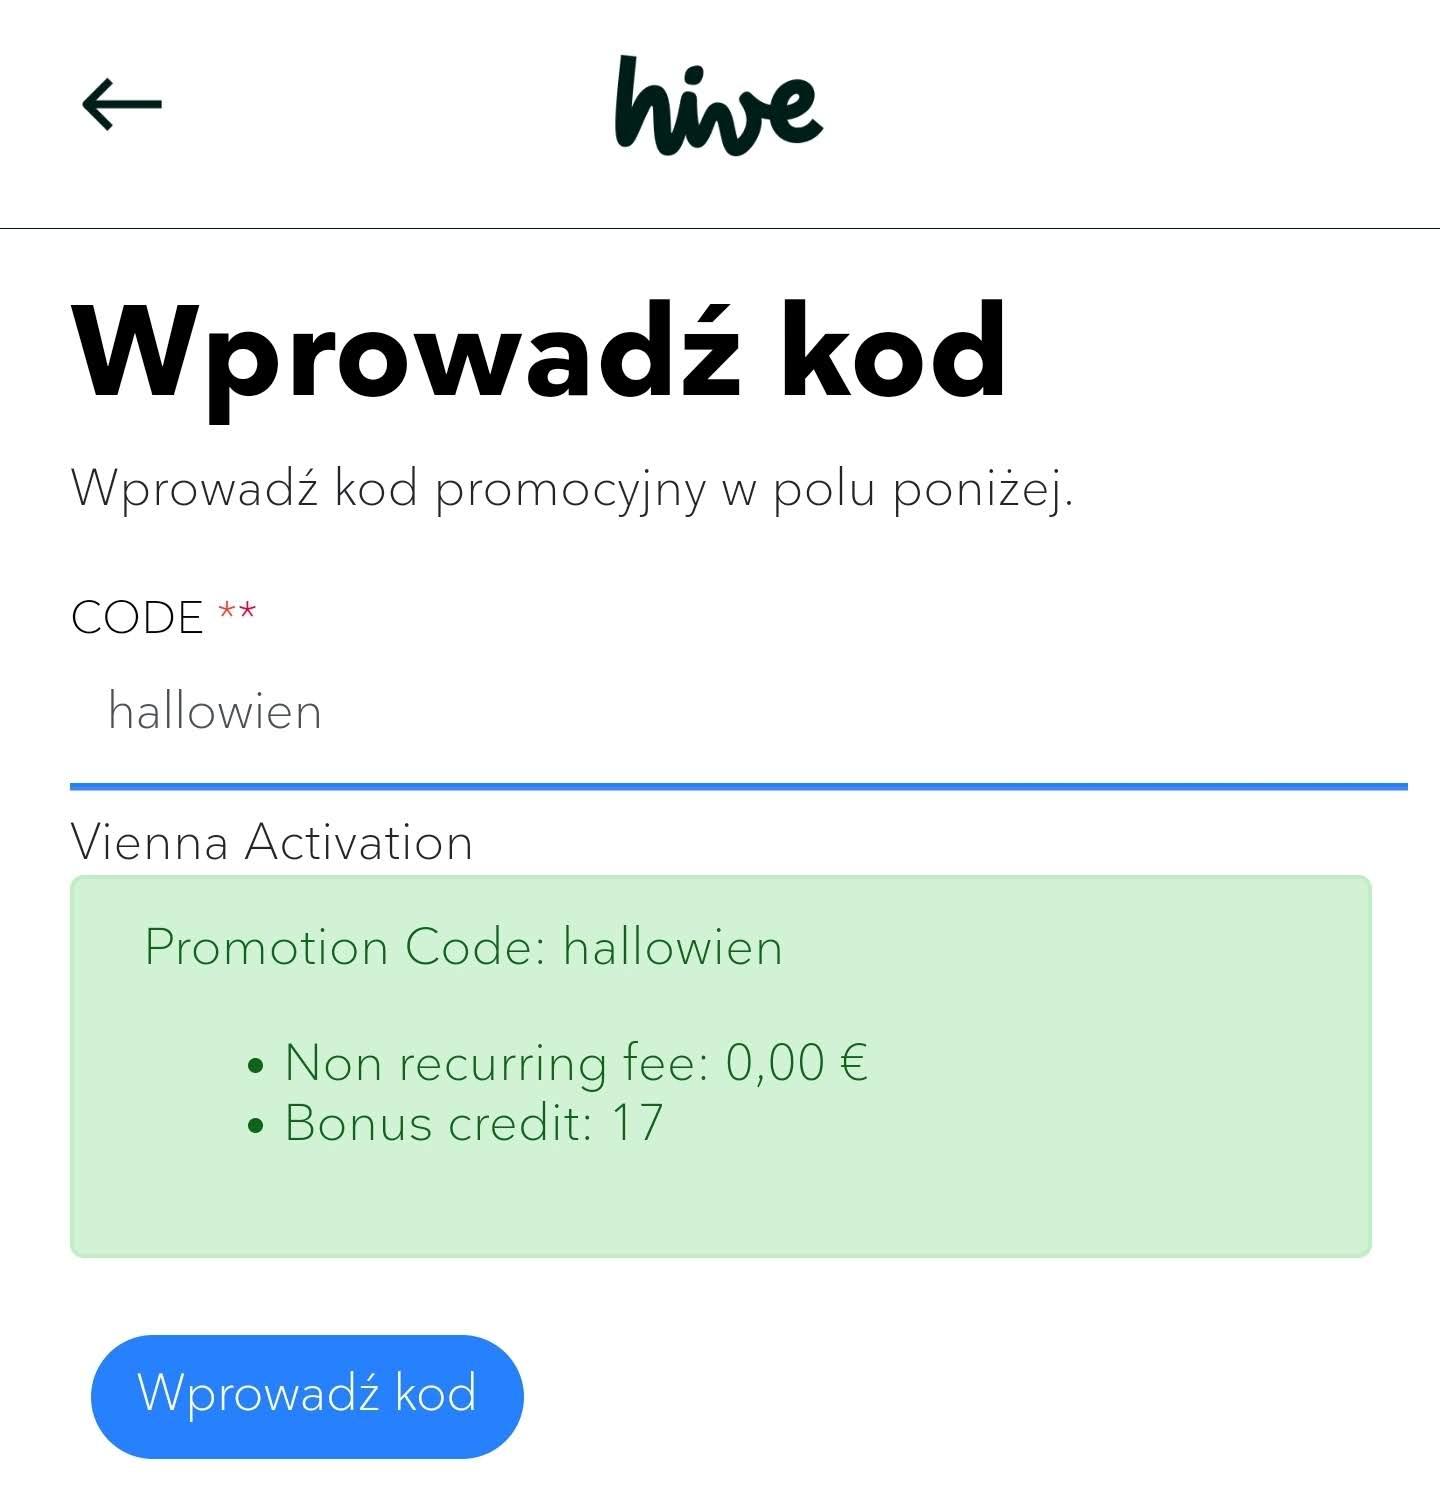 Nowy kod na 17 kredytów do hive